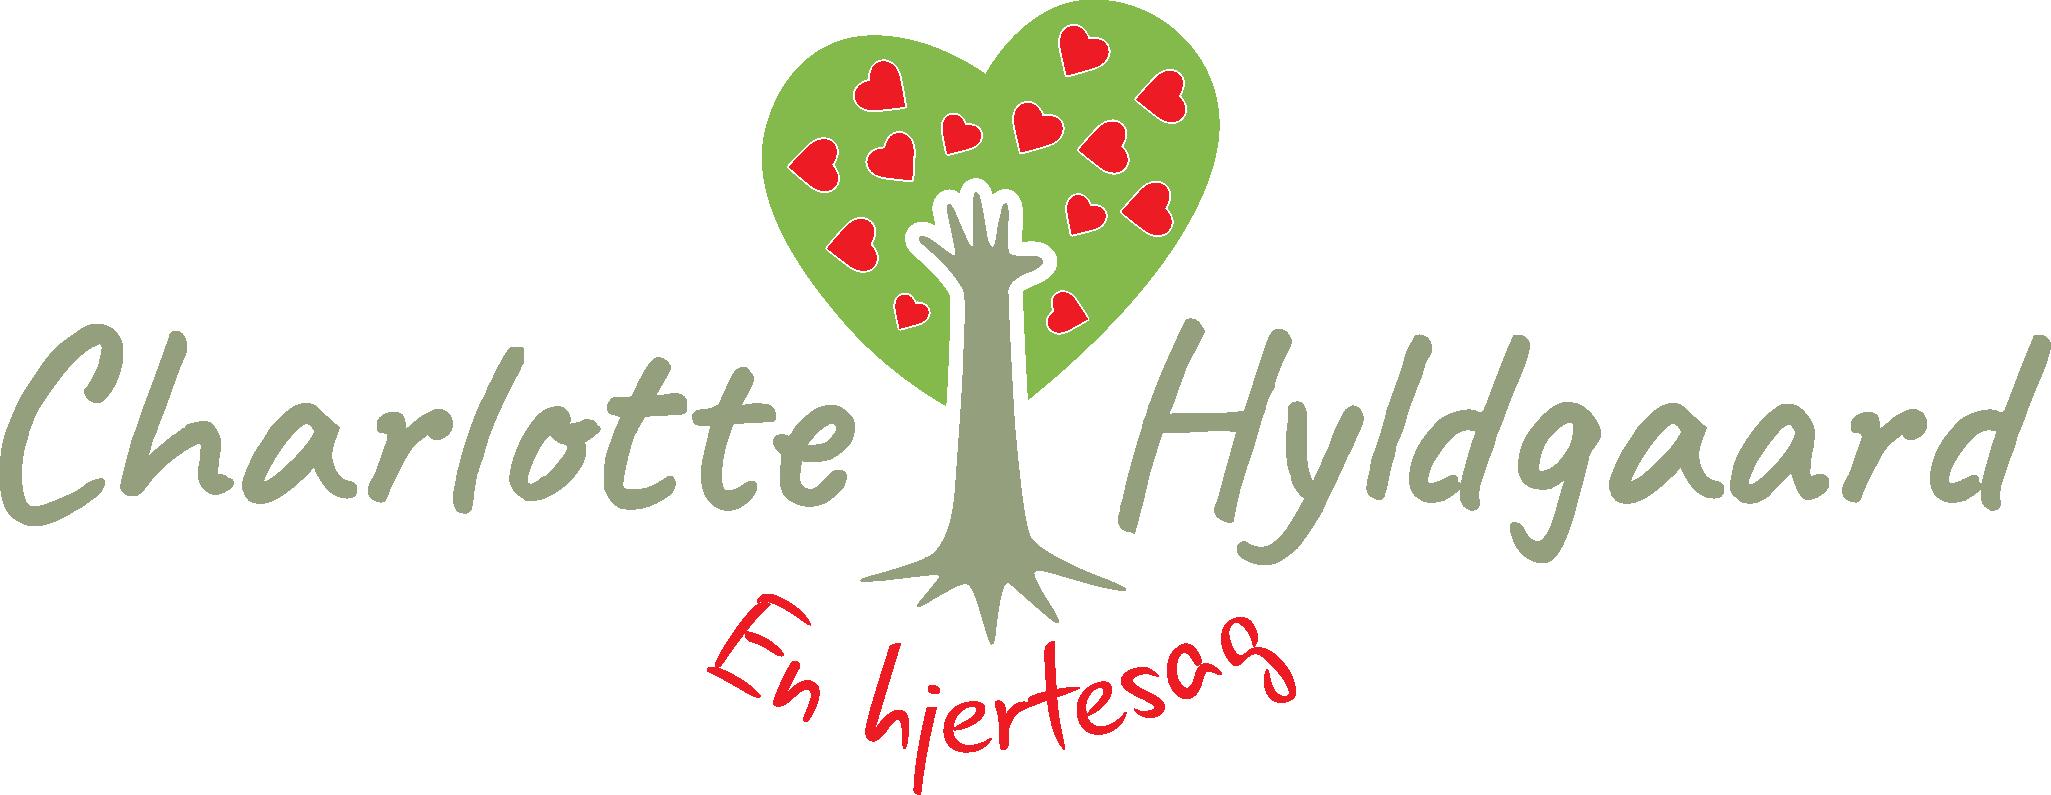 charlottehyldgaard.dk/